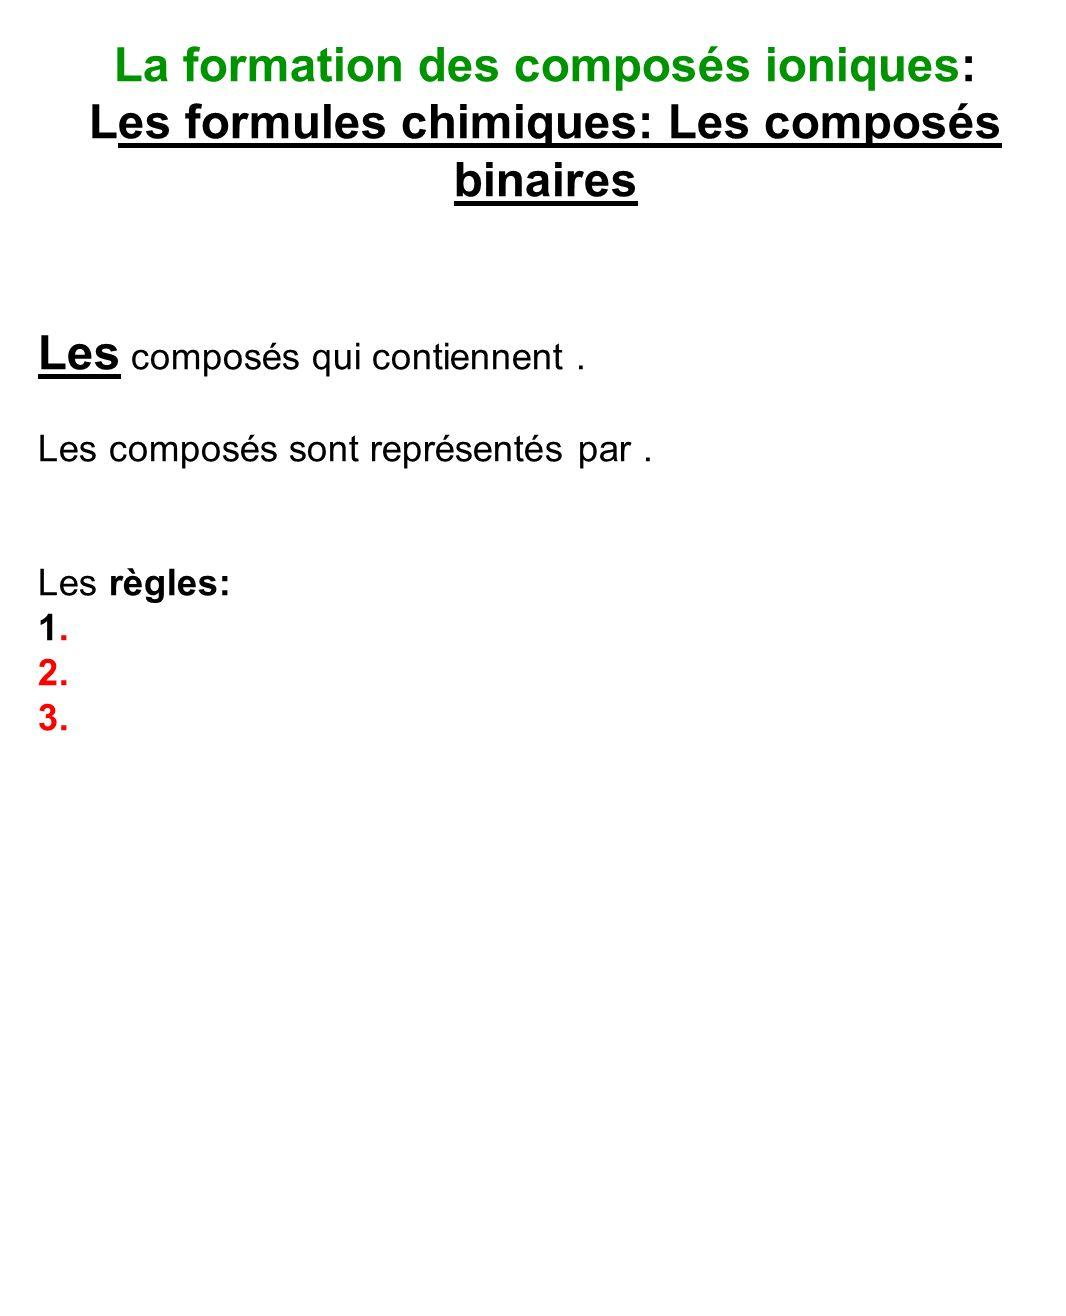 La formation des composés ioniques: Les formules chimiques: Les composés binaires Les composés qui contiennent.